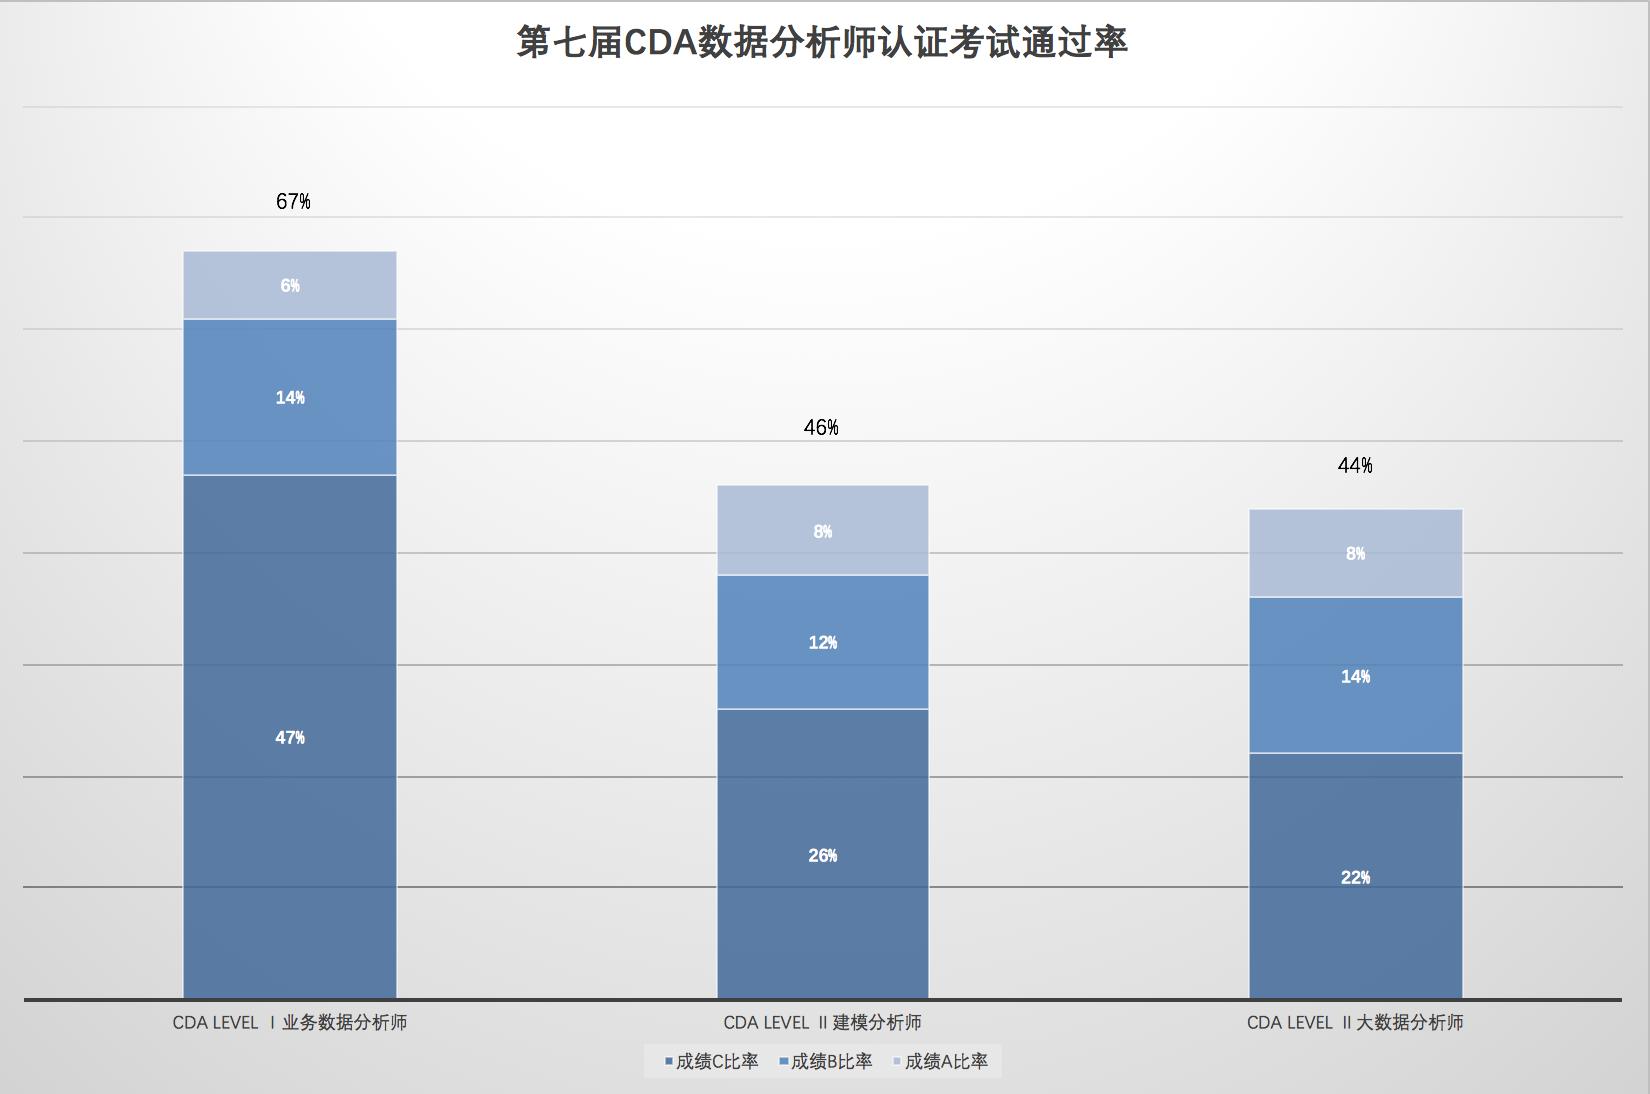 CDA数据分析师第七届认证考试·数据报告发布